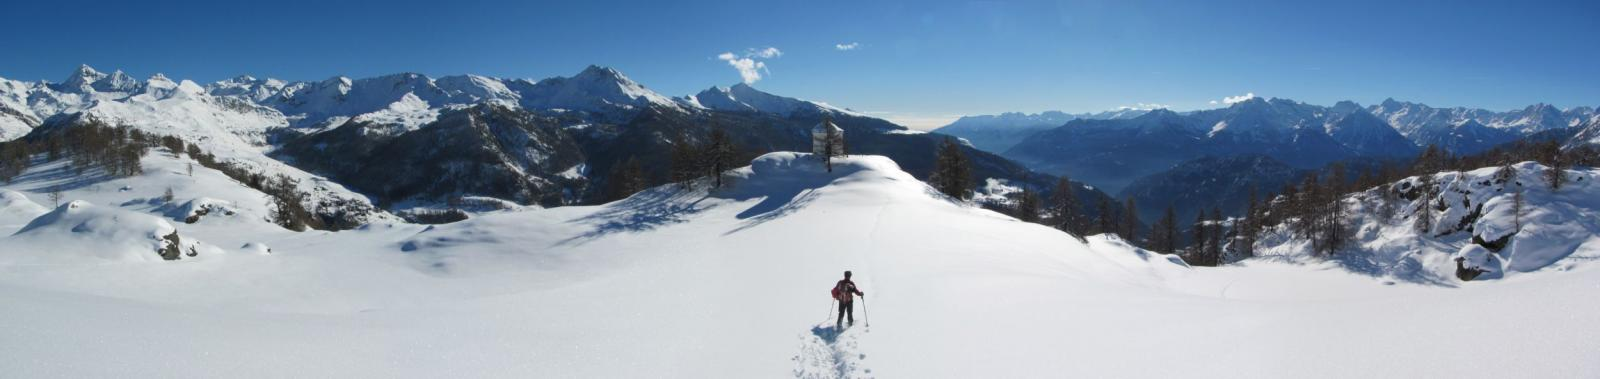 Ultimo tratto di neve intonsa